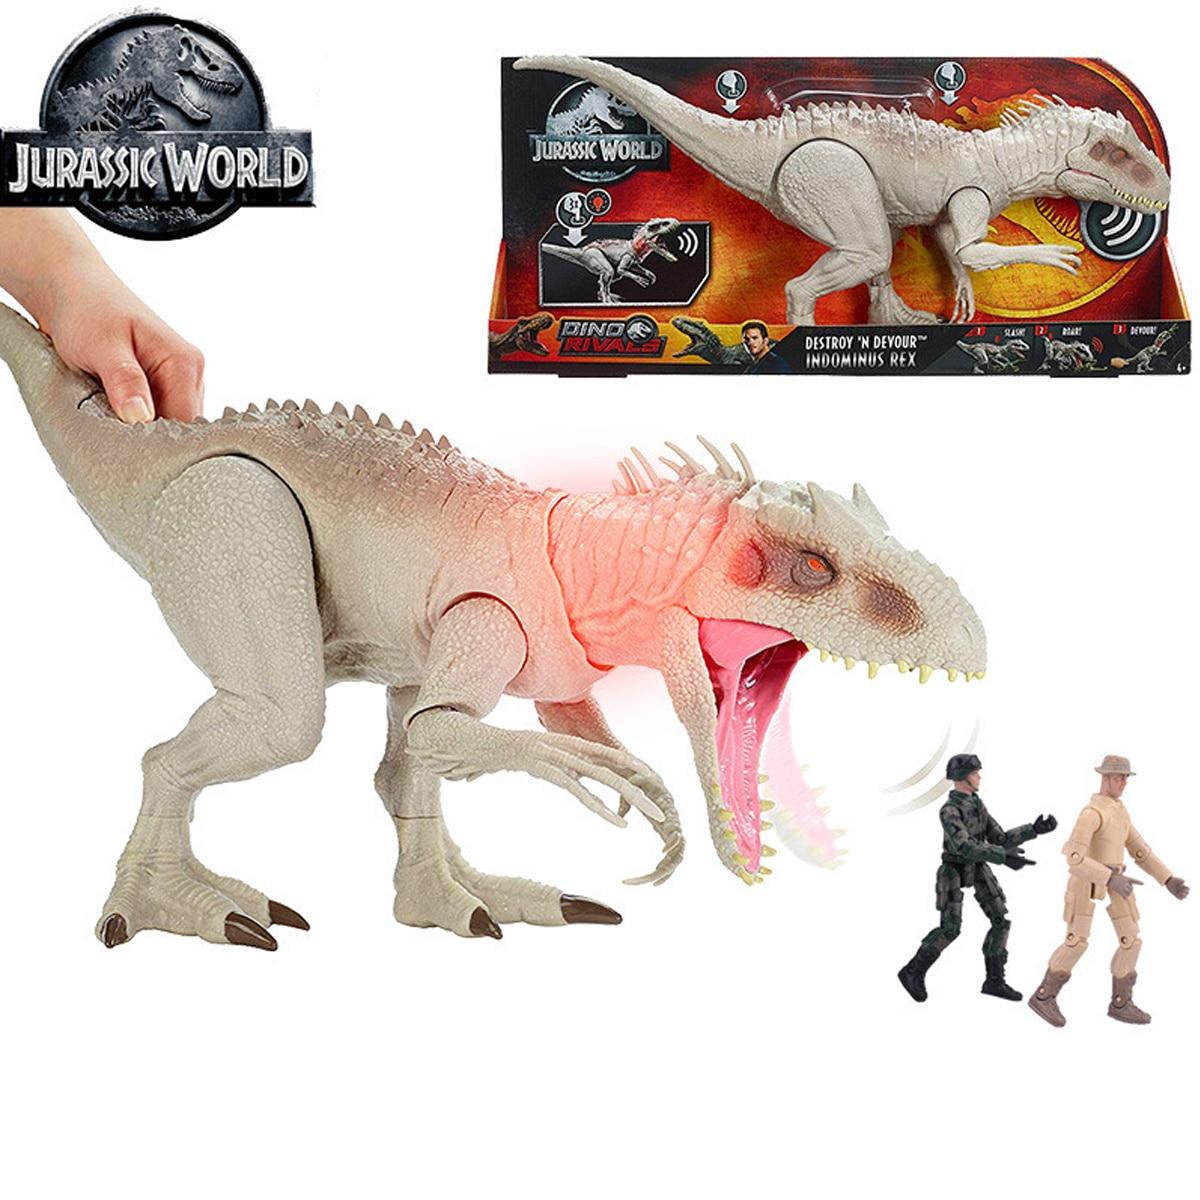 Игрушка динозавр Юрского периода Тираннозавр Рекс, индоминус с подсветкой и звуком рта, подарок для детей, GCT95